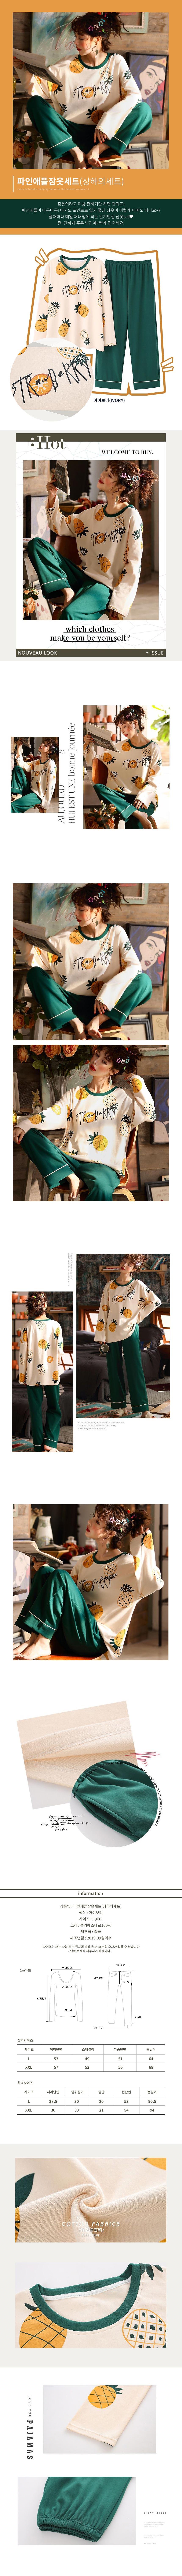 파인애플 여성 수면잠옷 상하의 세트CH1501511 - 익스트리모, 31,000원, 잠옷, 여성파자마